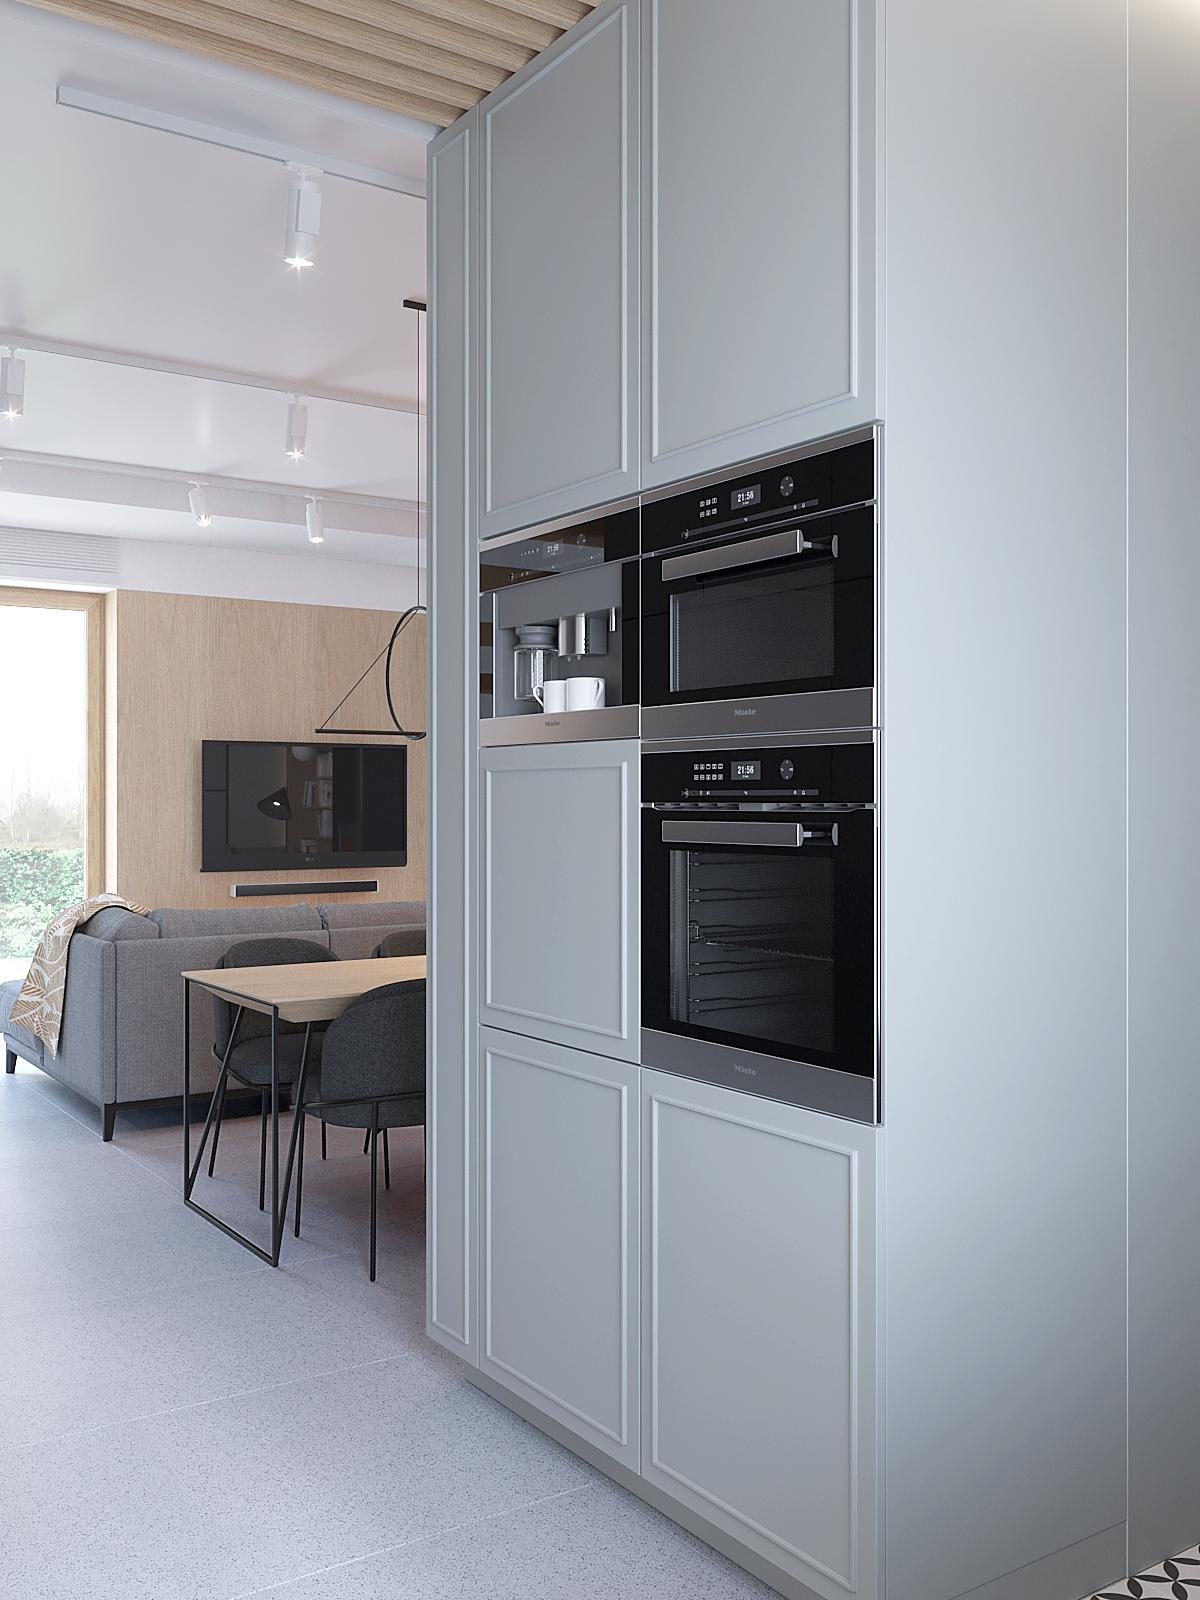 5 aranzacja wnetrz D395 dom Tychy kuchnia wysoka zabudowa z piekarnikiem biale fronty frezowane telewizor na drewnianej scianie